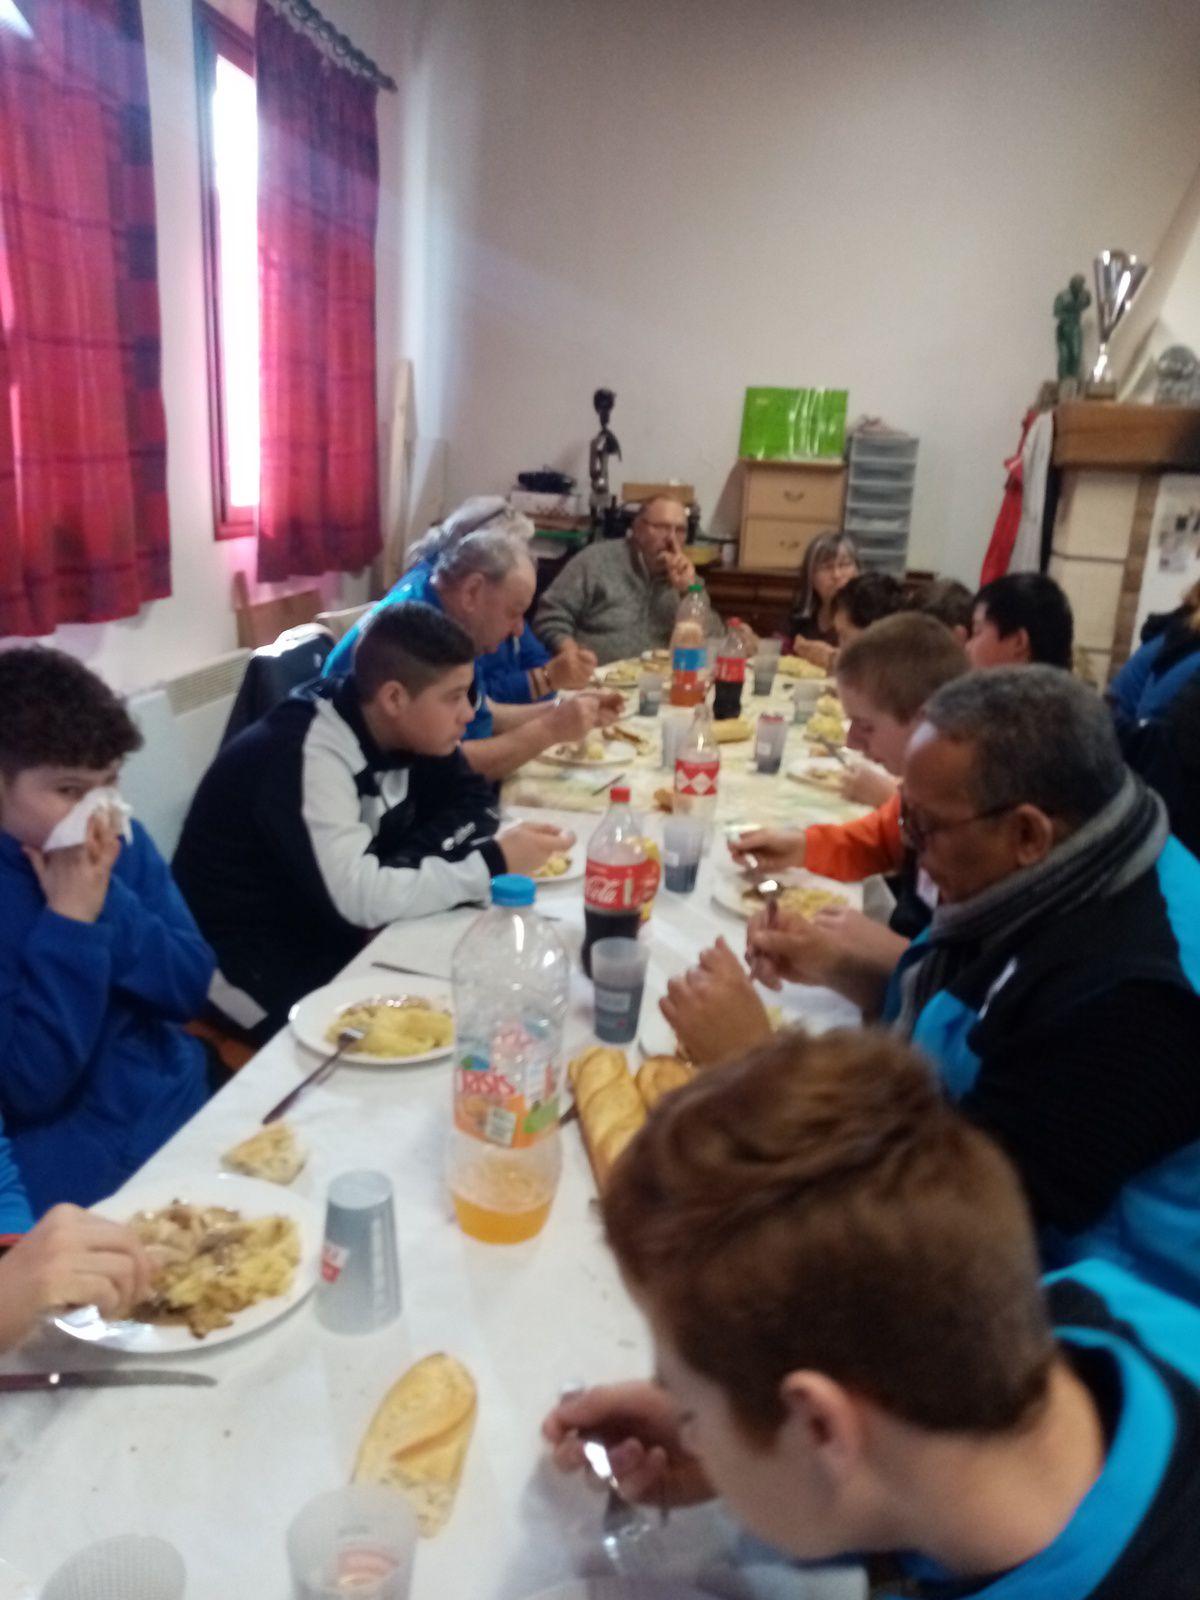 SAINT JUST en CHAUSSÉE : UNE PREMIÈRE RÉUSSIE ... Plus de 300 photos de toutes les équipes